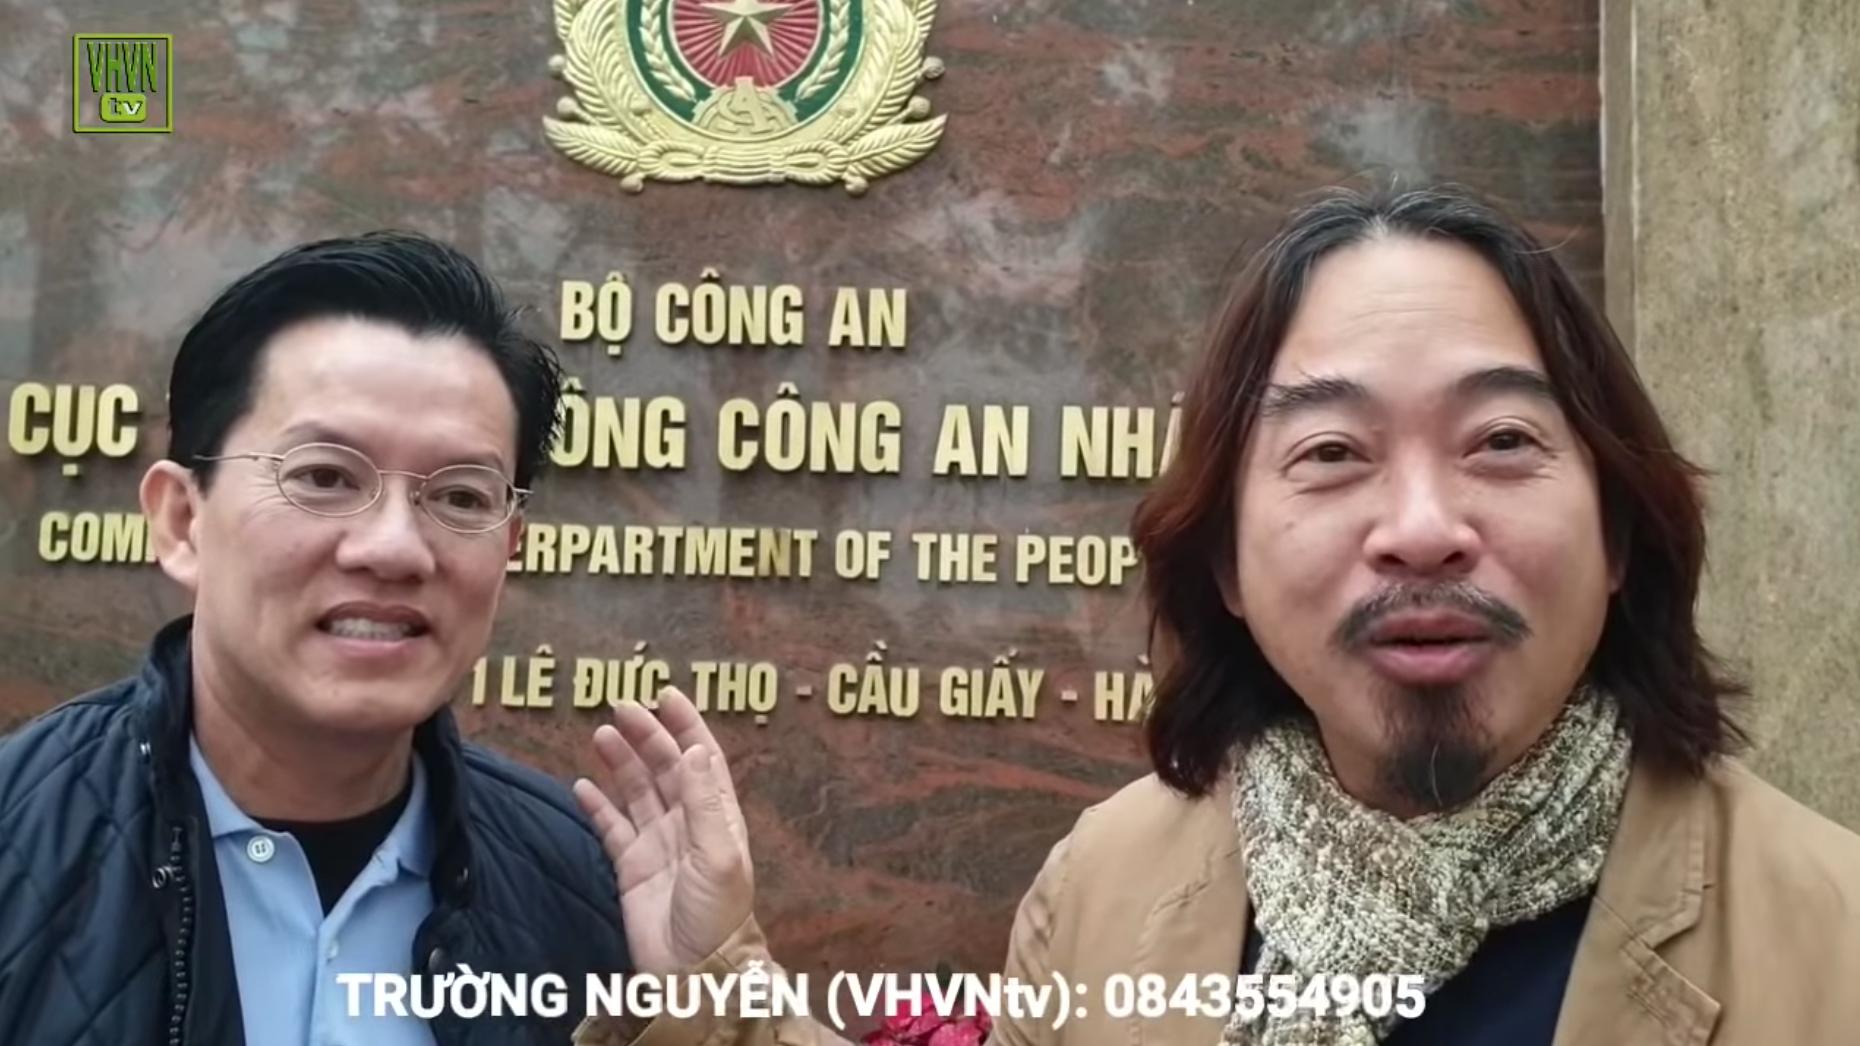 Nguyễn Thanh Tú làm gì ở Hà Nội? (Phạm Bảo Toàn)